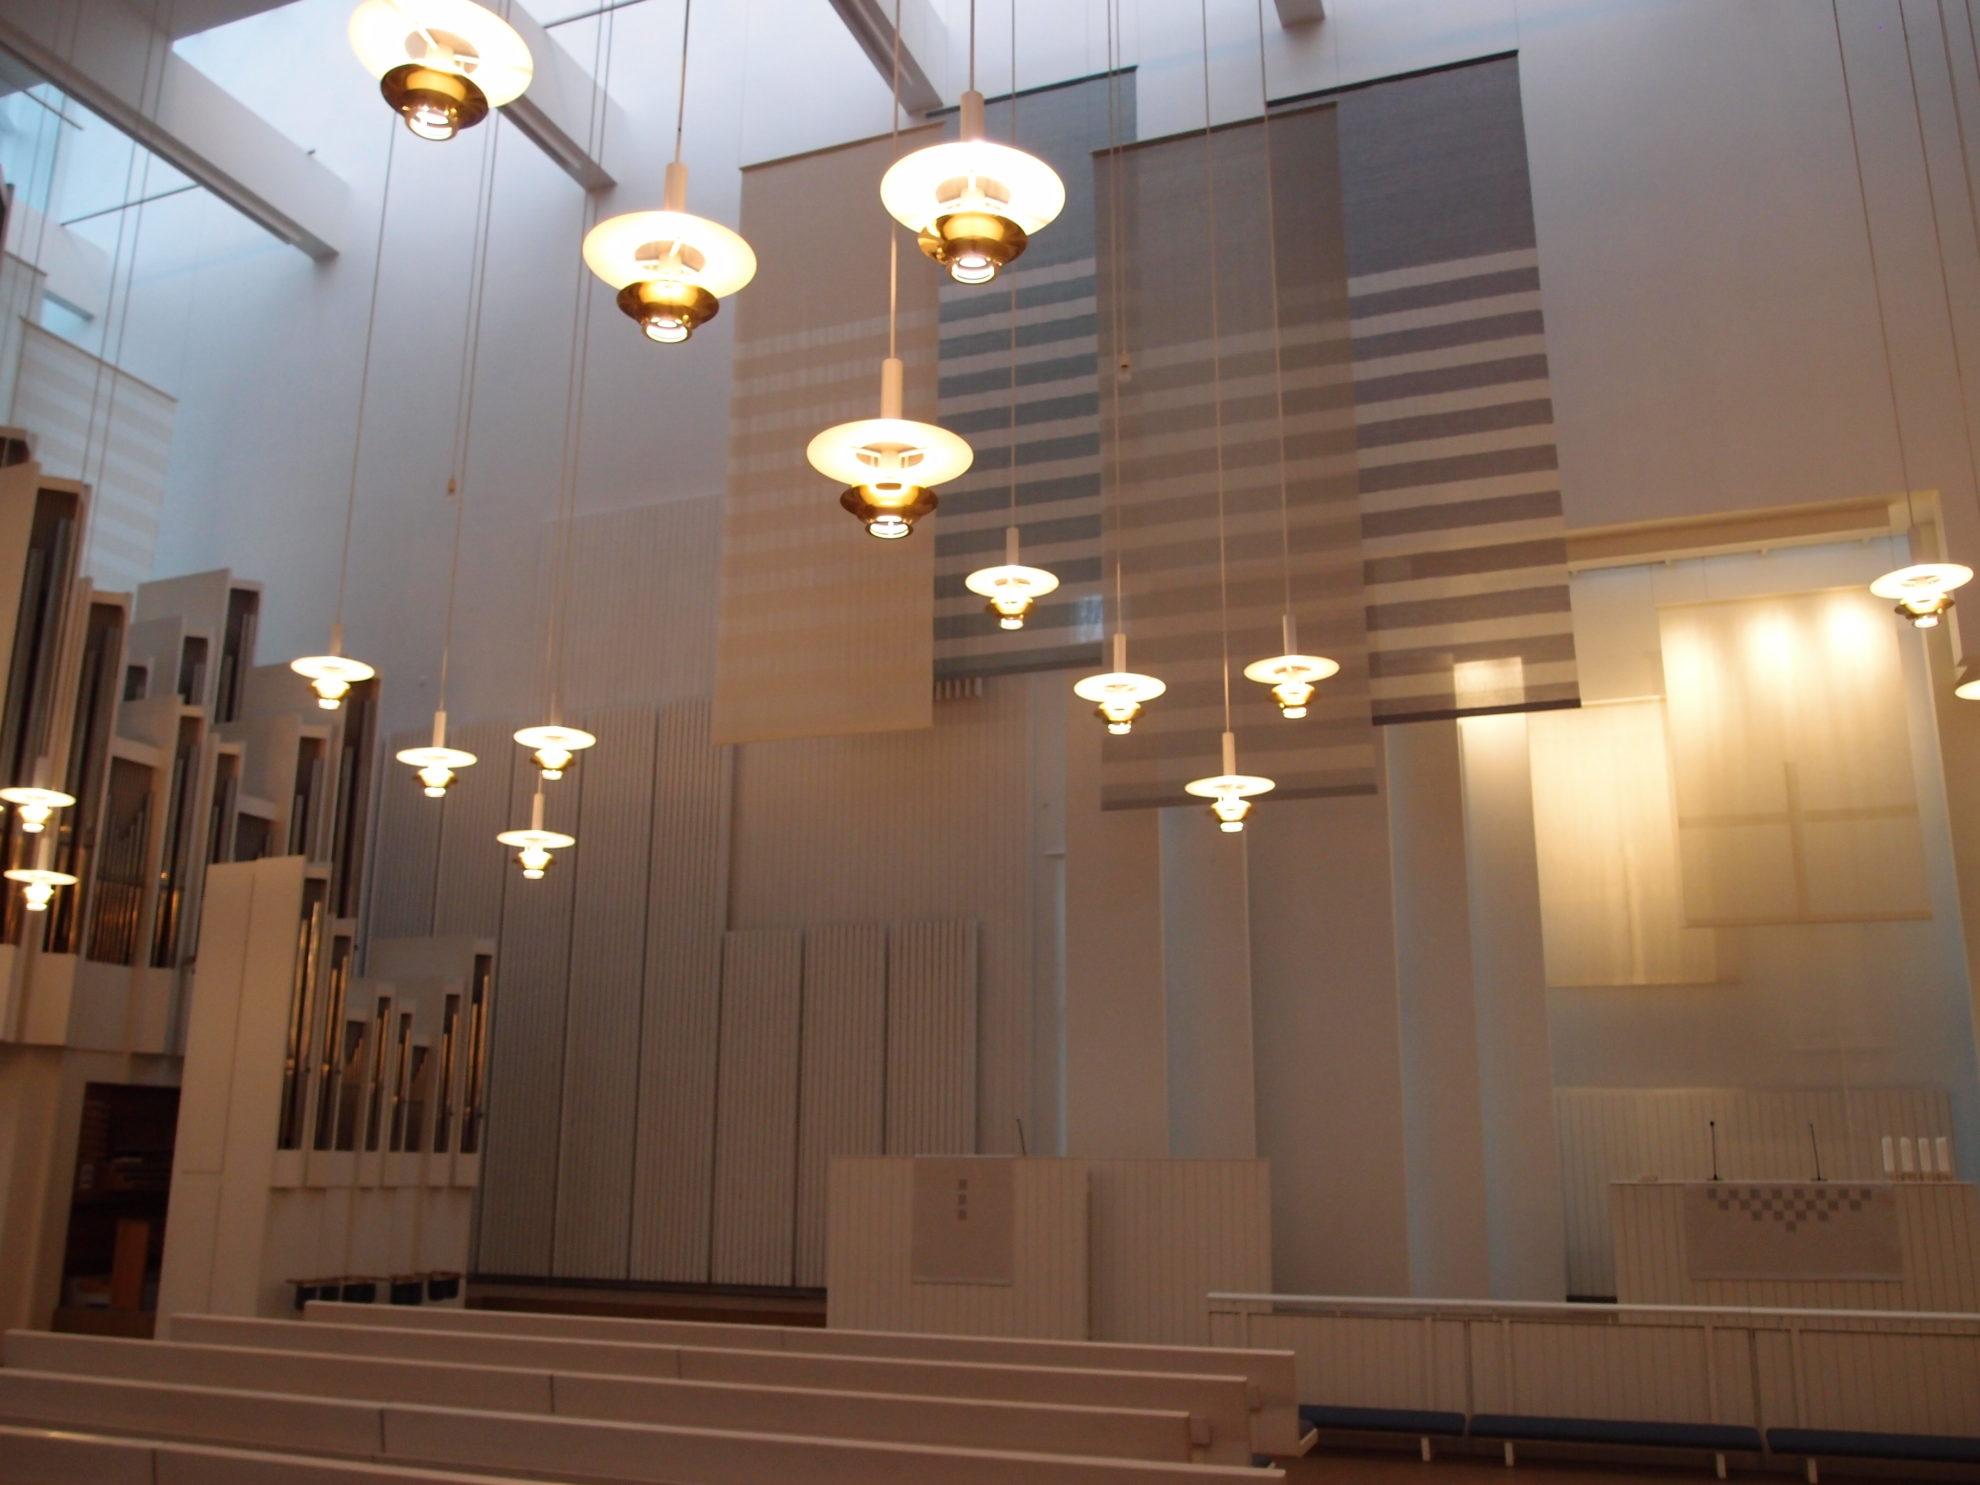 ヘルシンキの隣の市、ヴァンターにある「ミュールマキ教会」